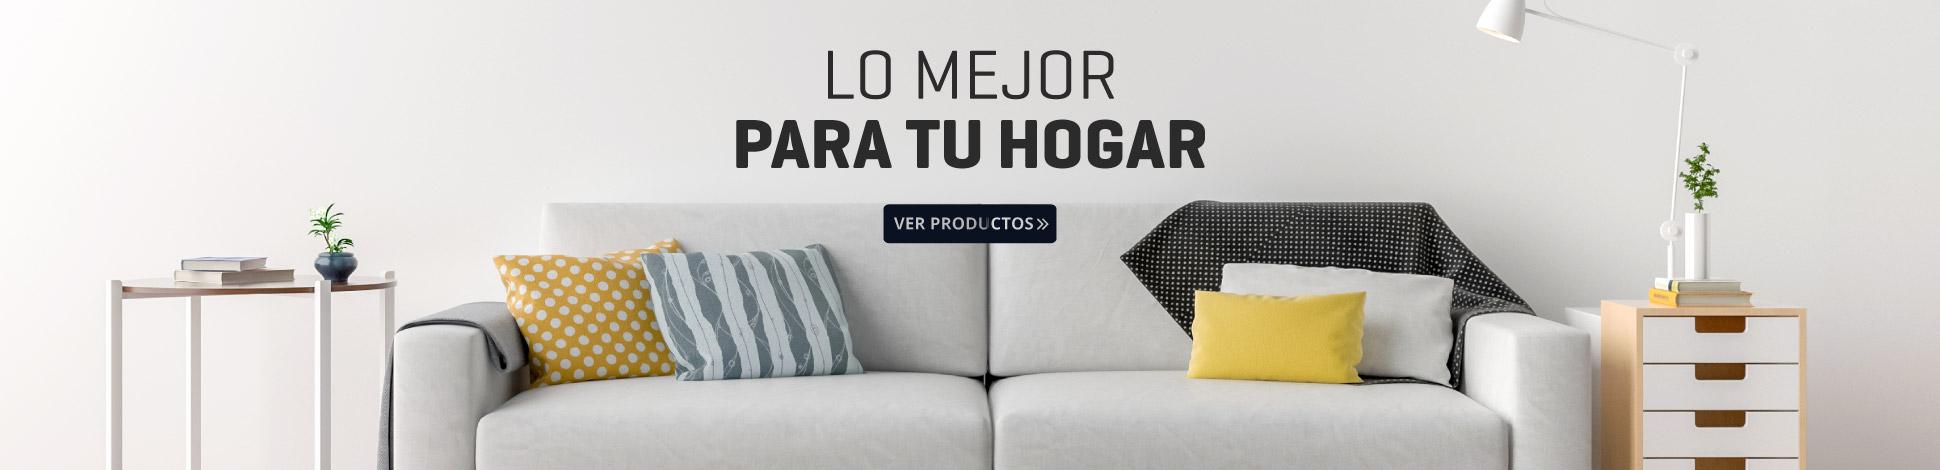 hs.jpg | Juntoz.com